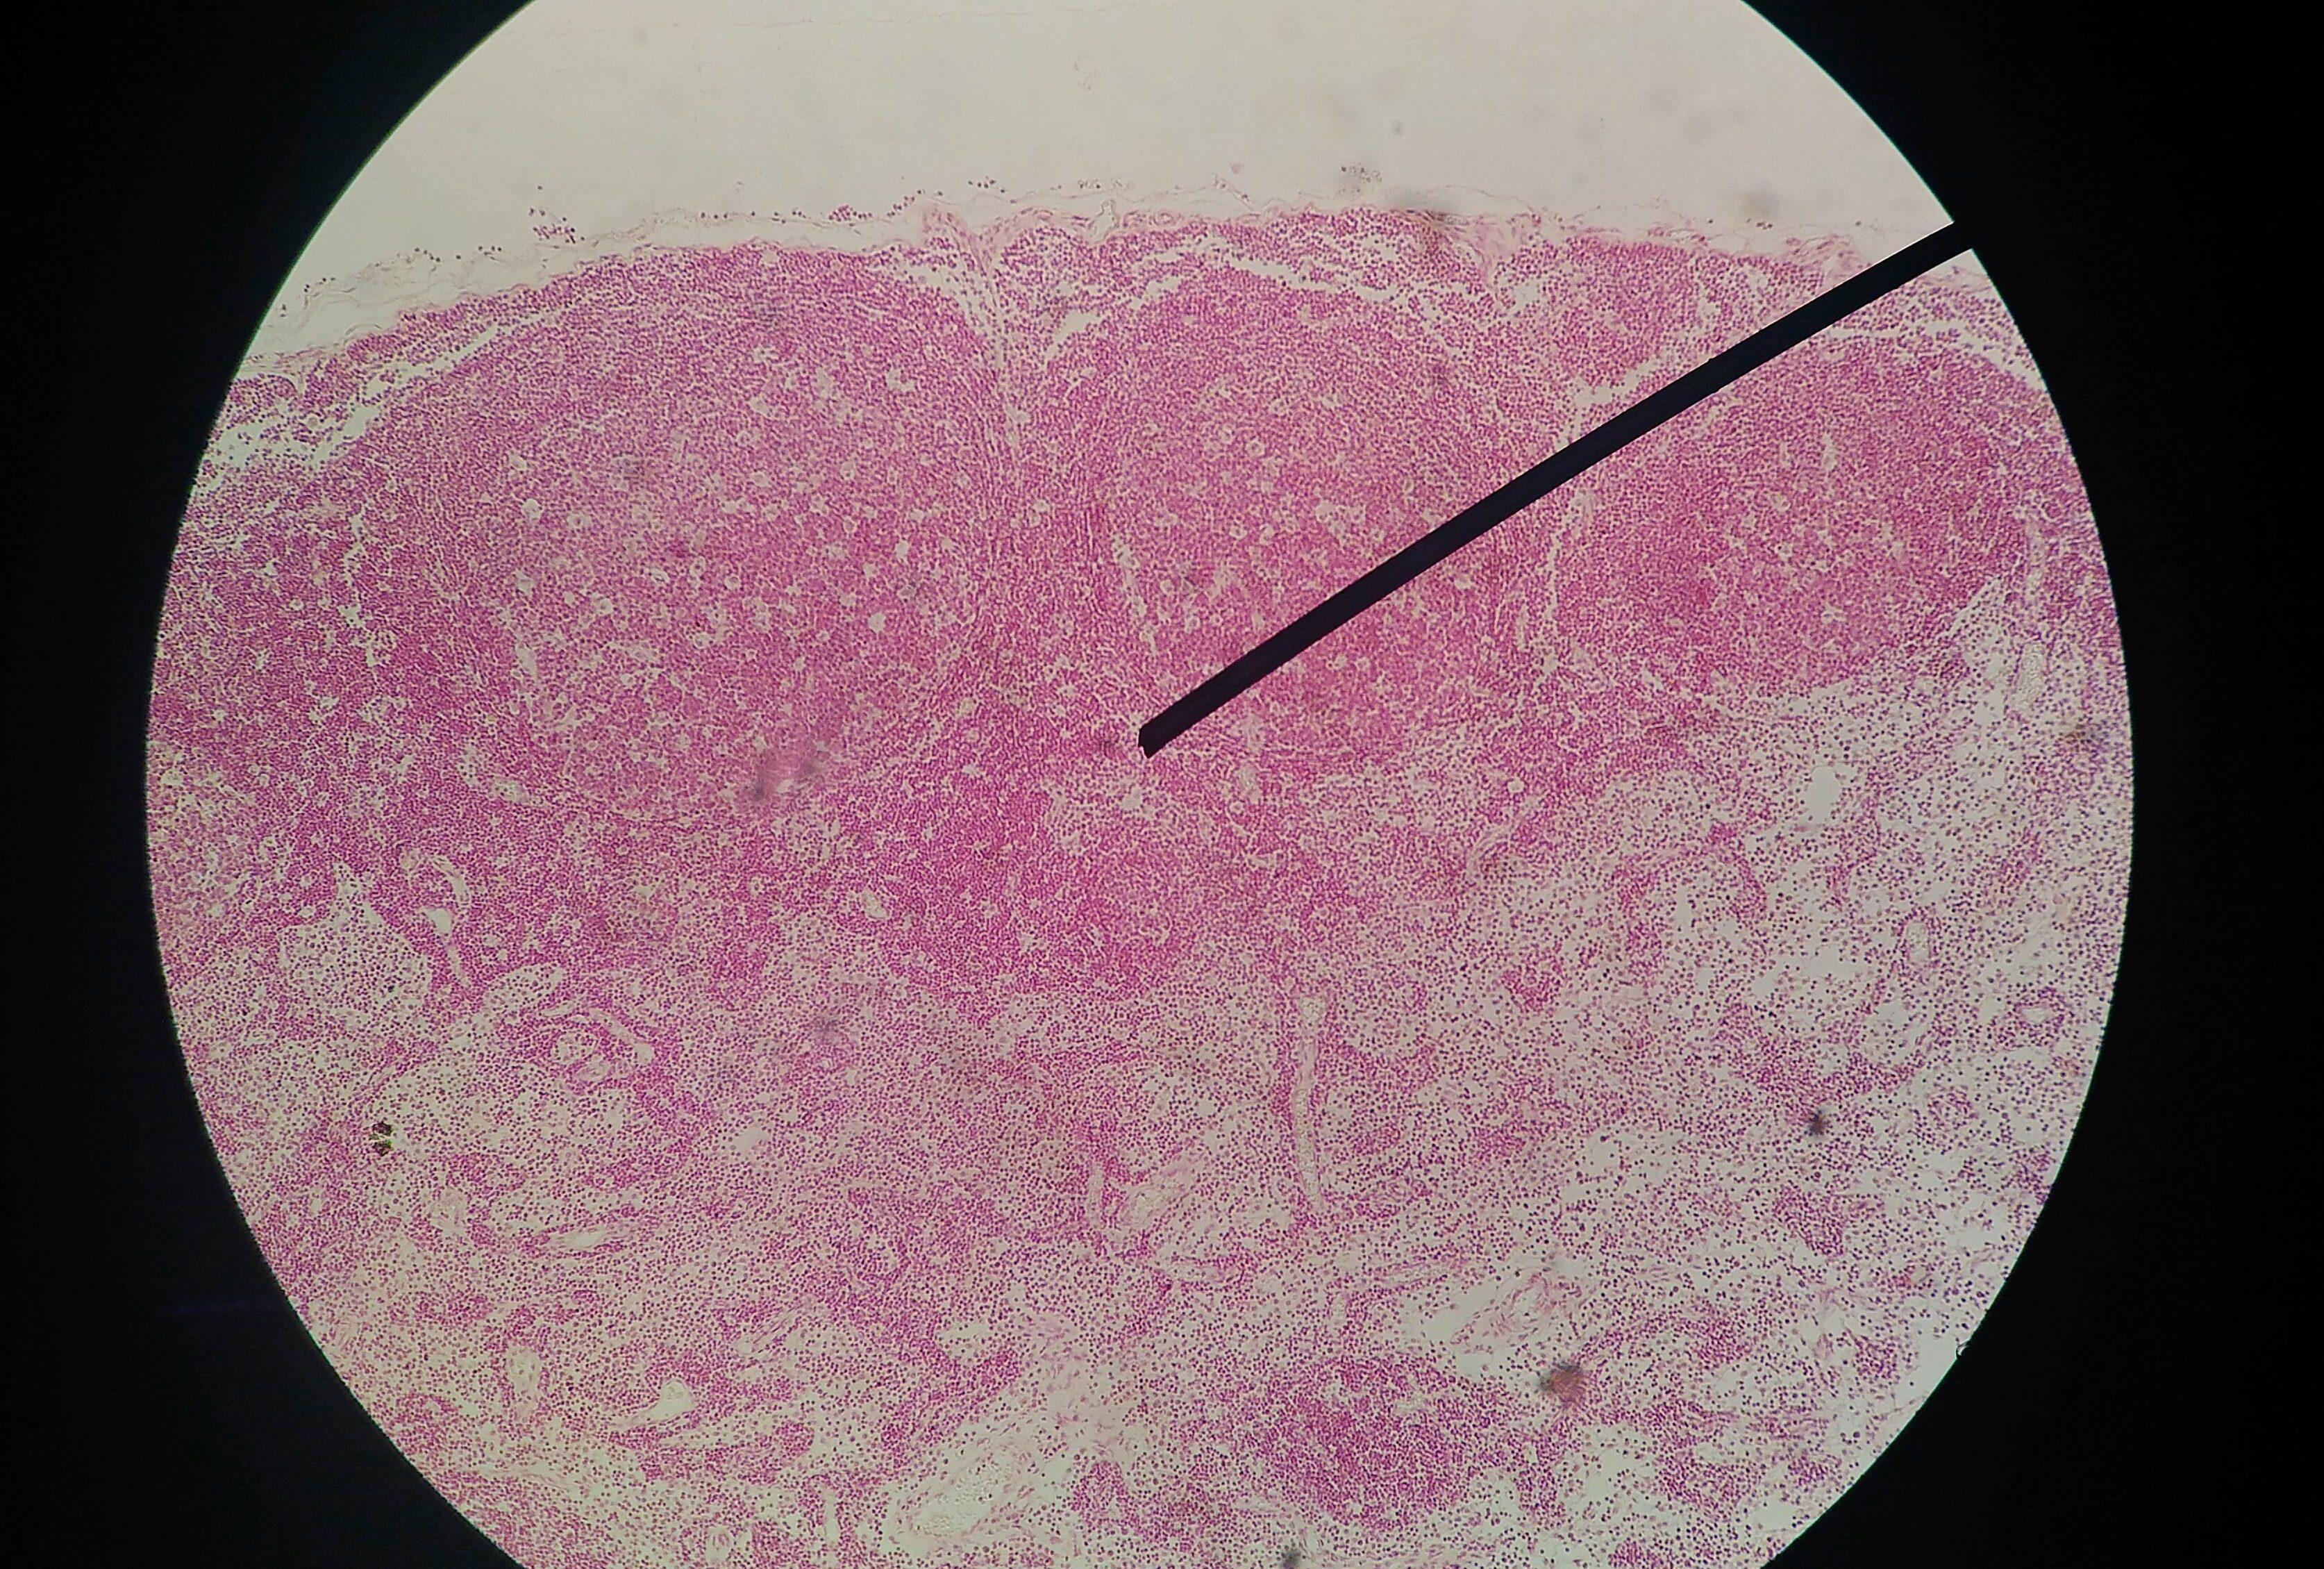 papillomavirus test positive